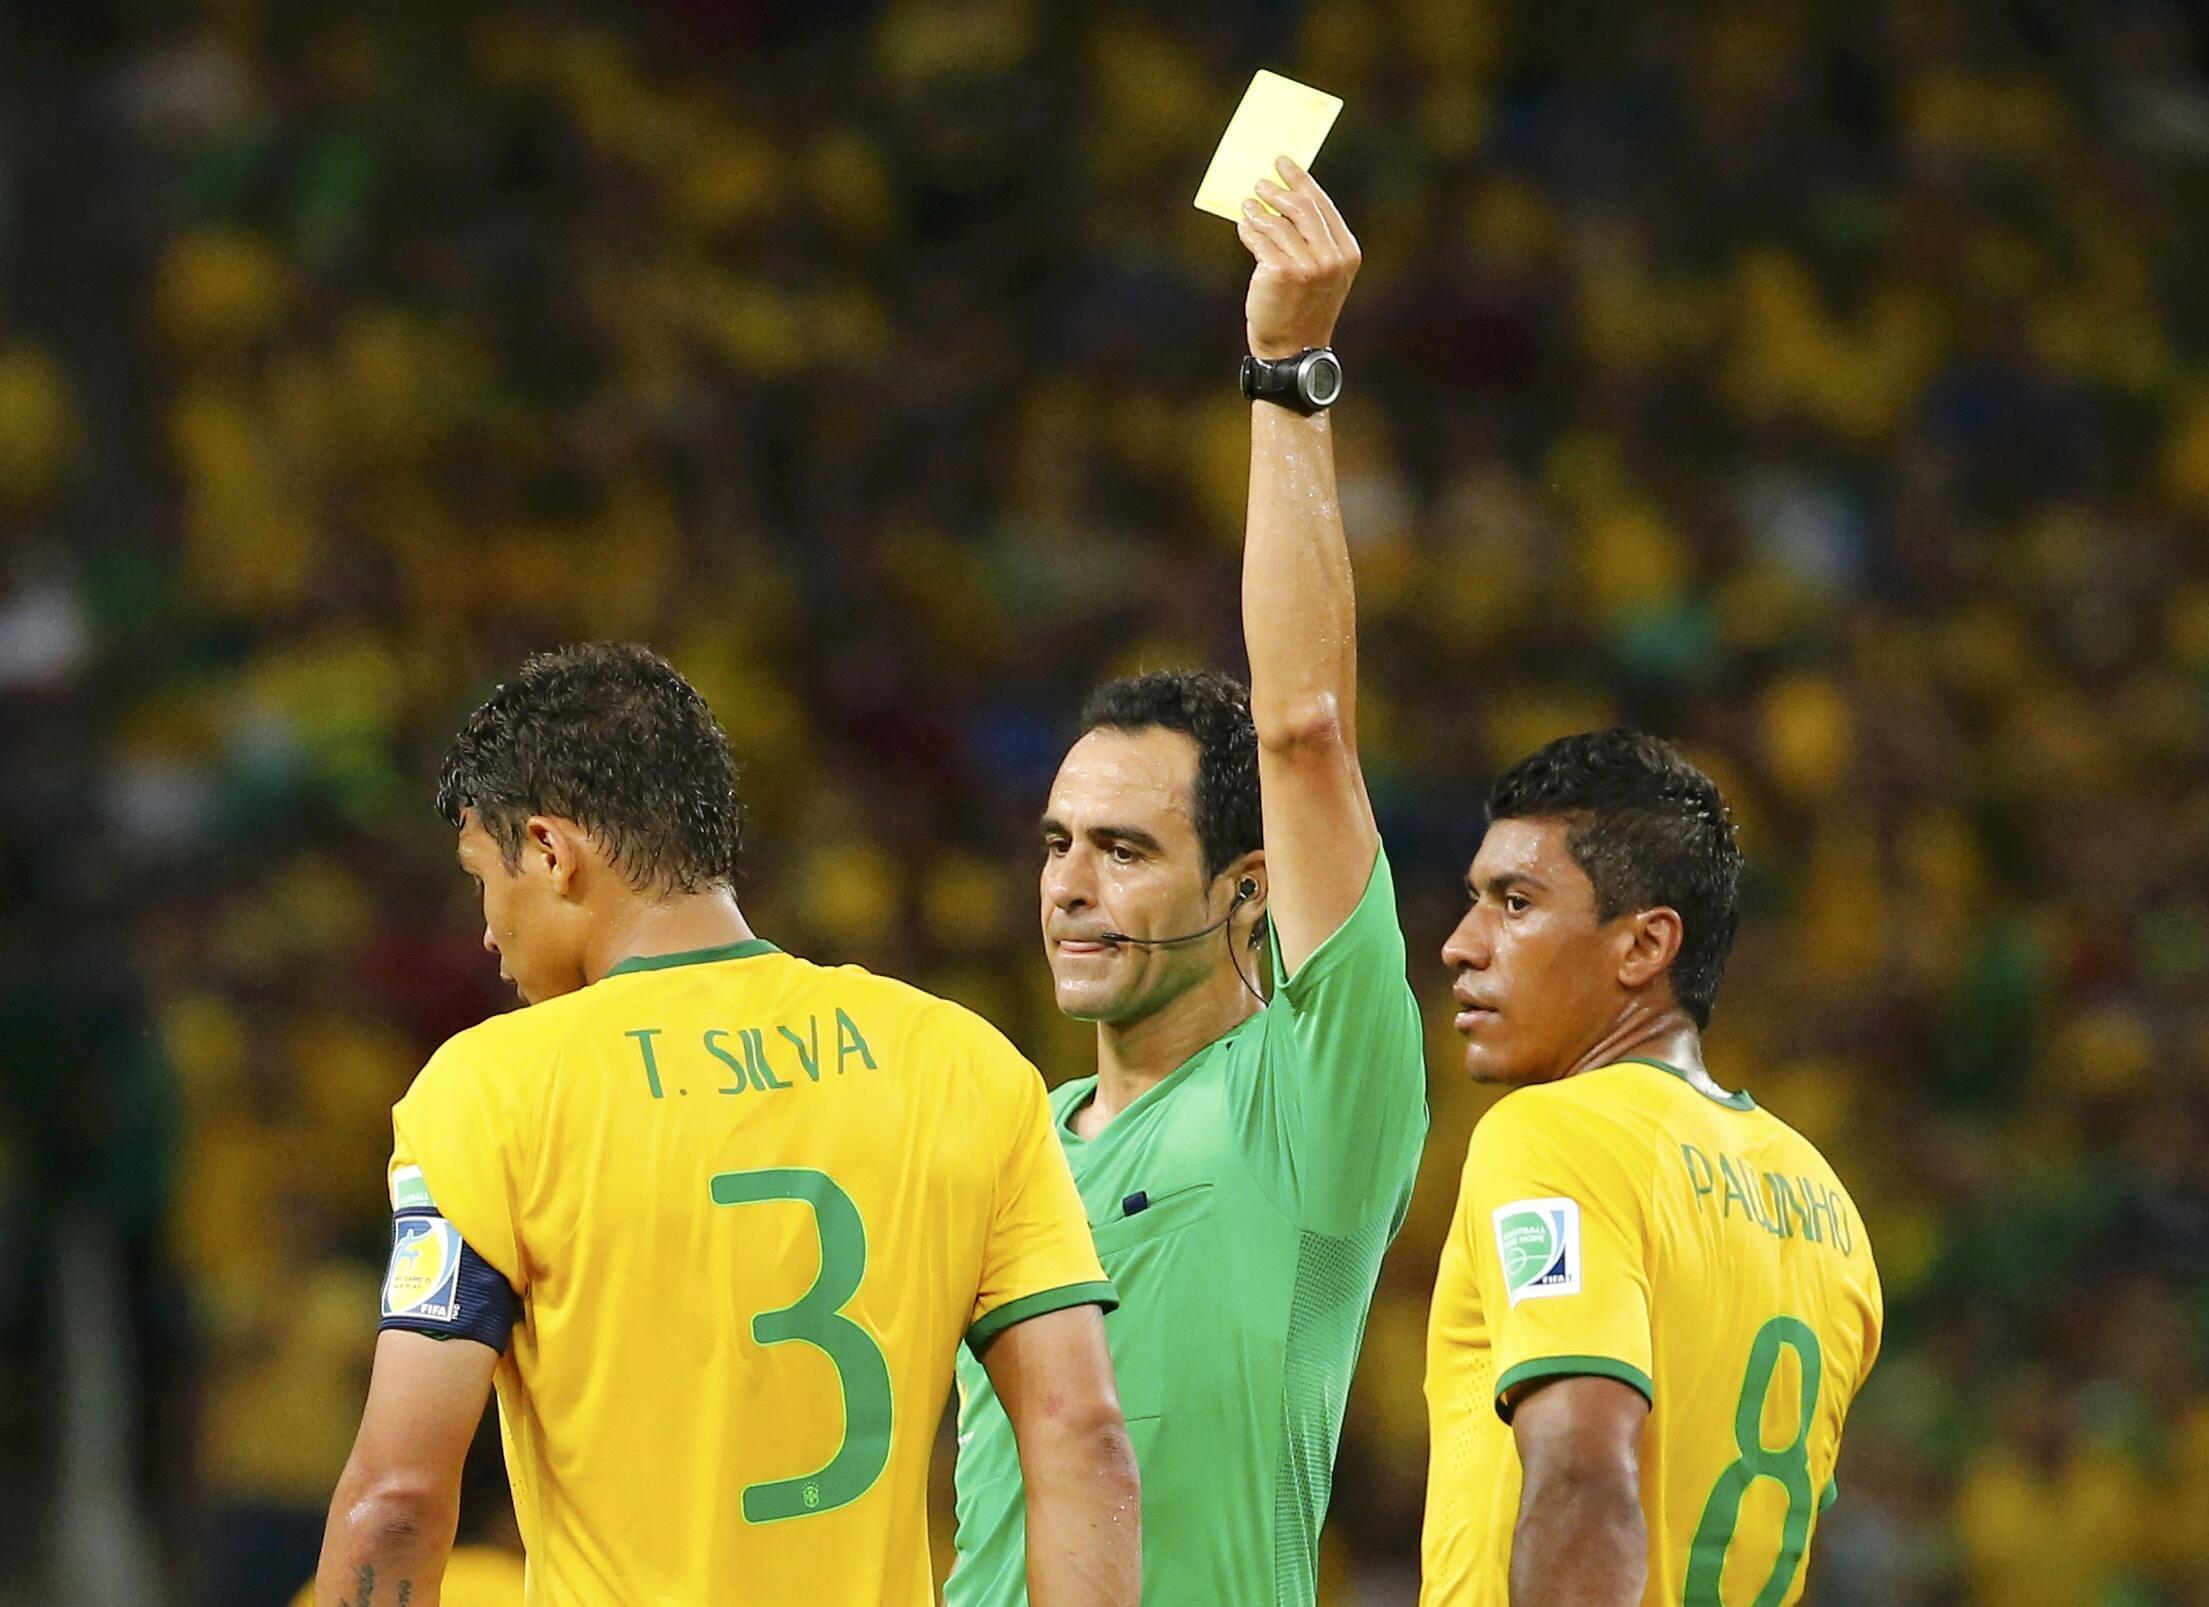 Thiago Silva akipewa kadi ya pili ya manjano, na kadi hio ndio imemsababishia kutoshriki mchuano wa jumanne hii.